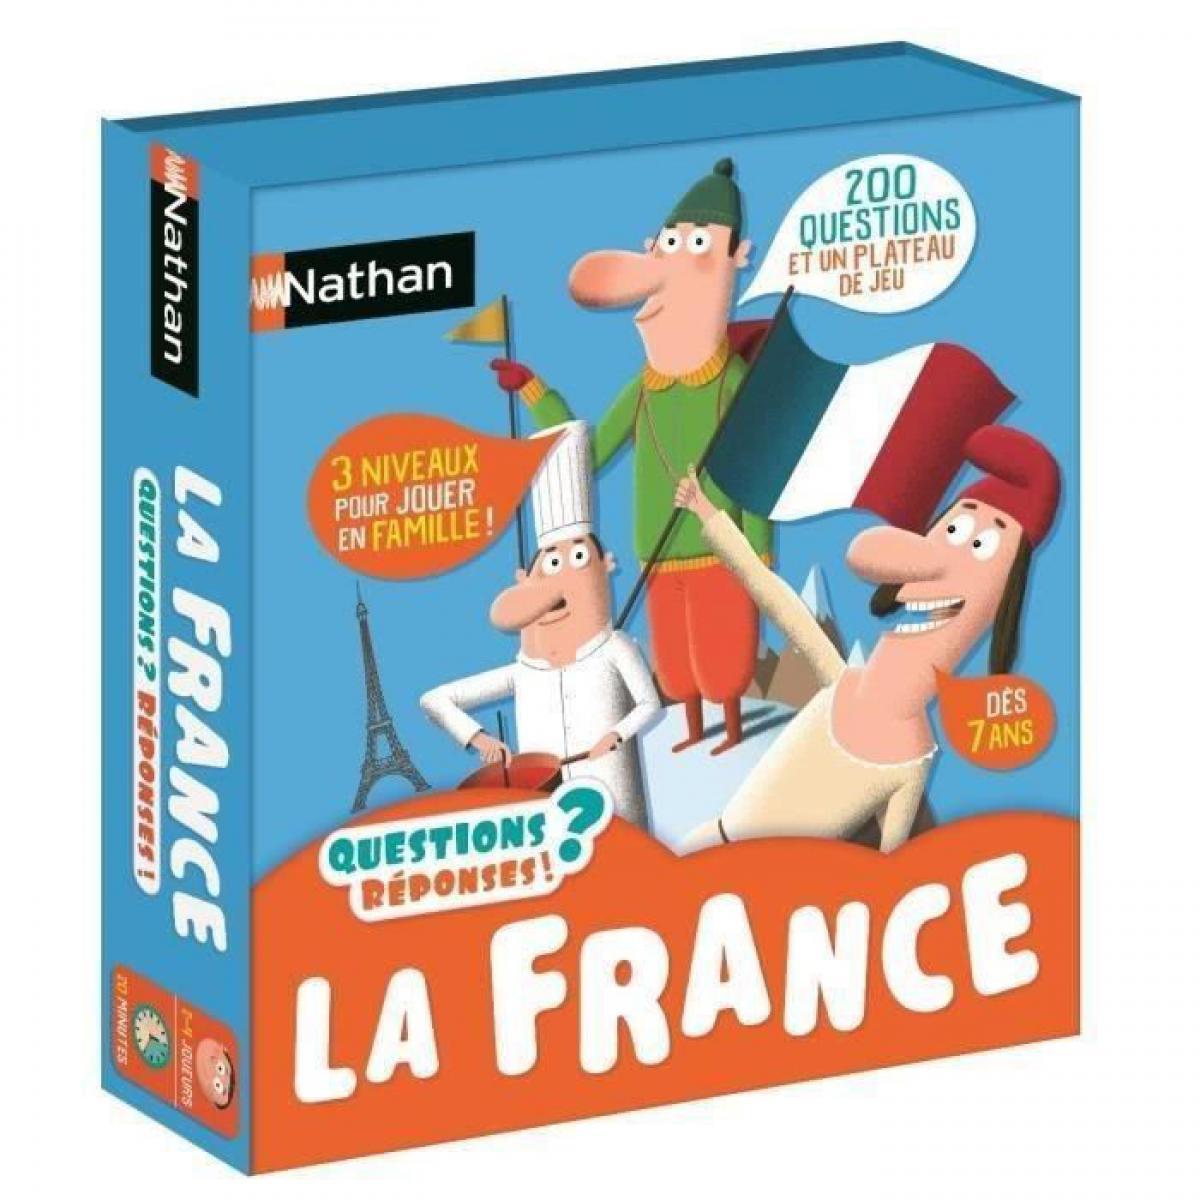 Nathan NATHAN Questions Reponses - La France